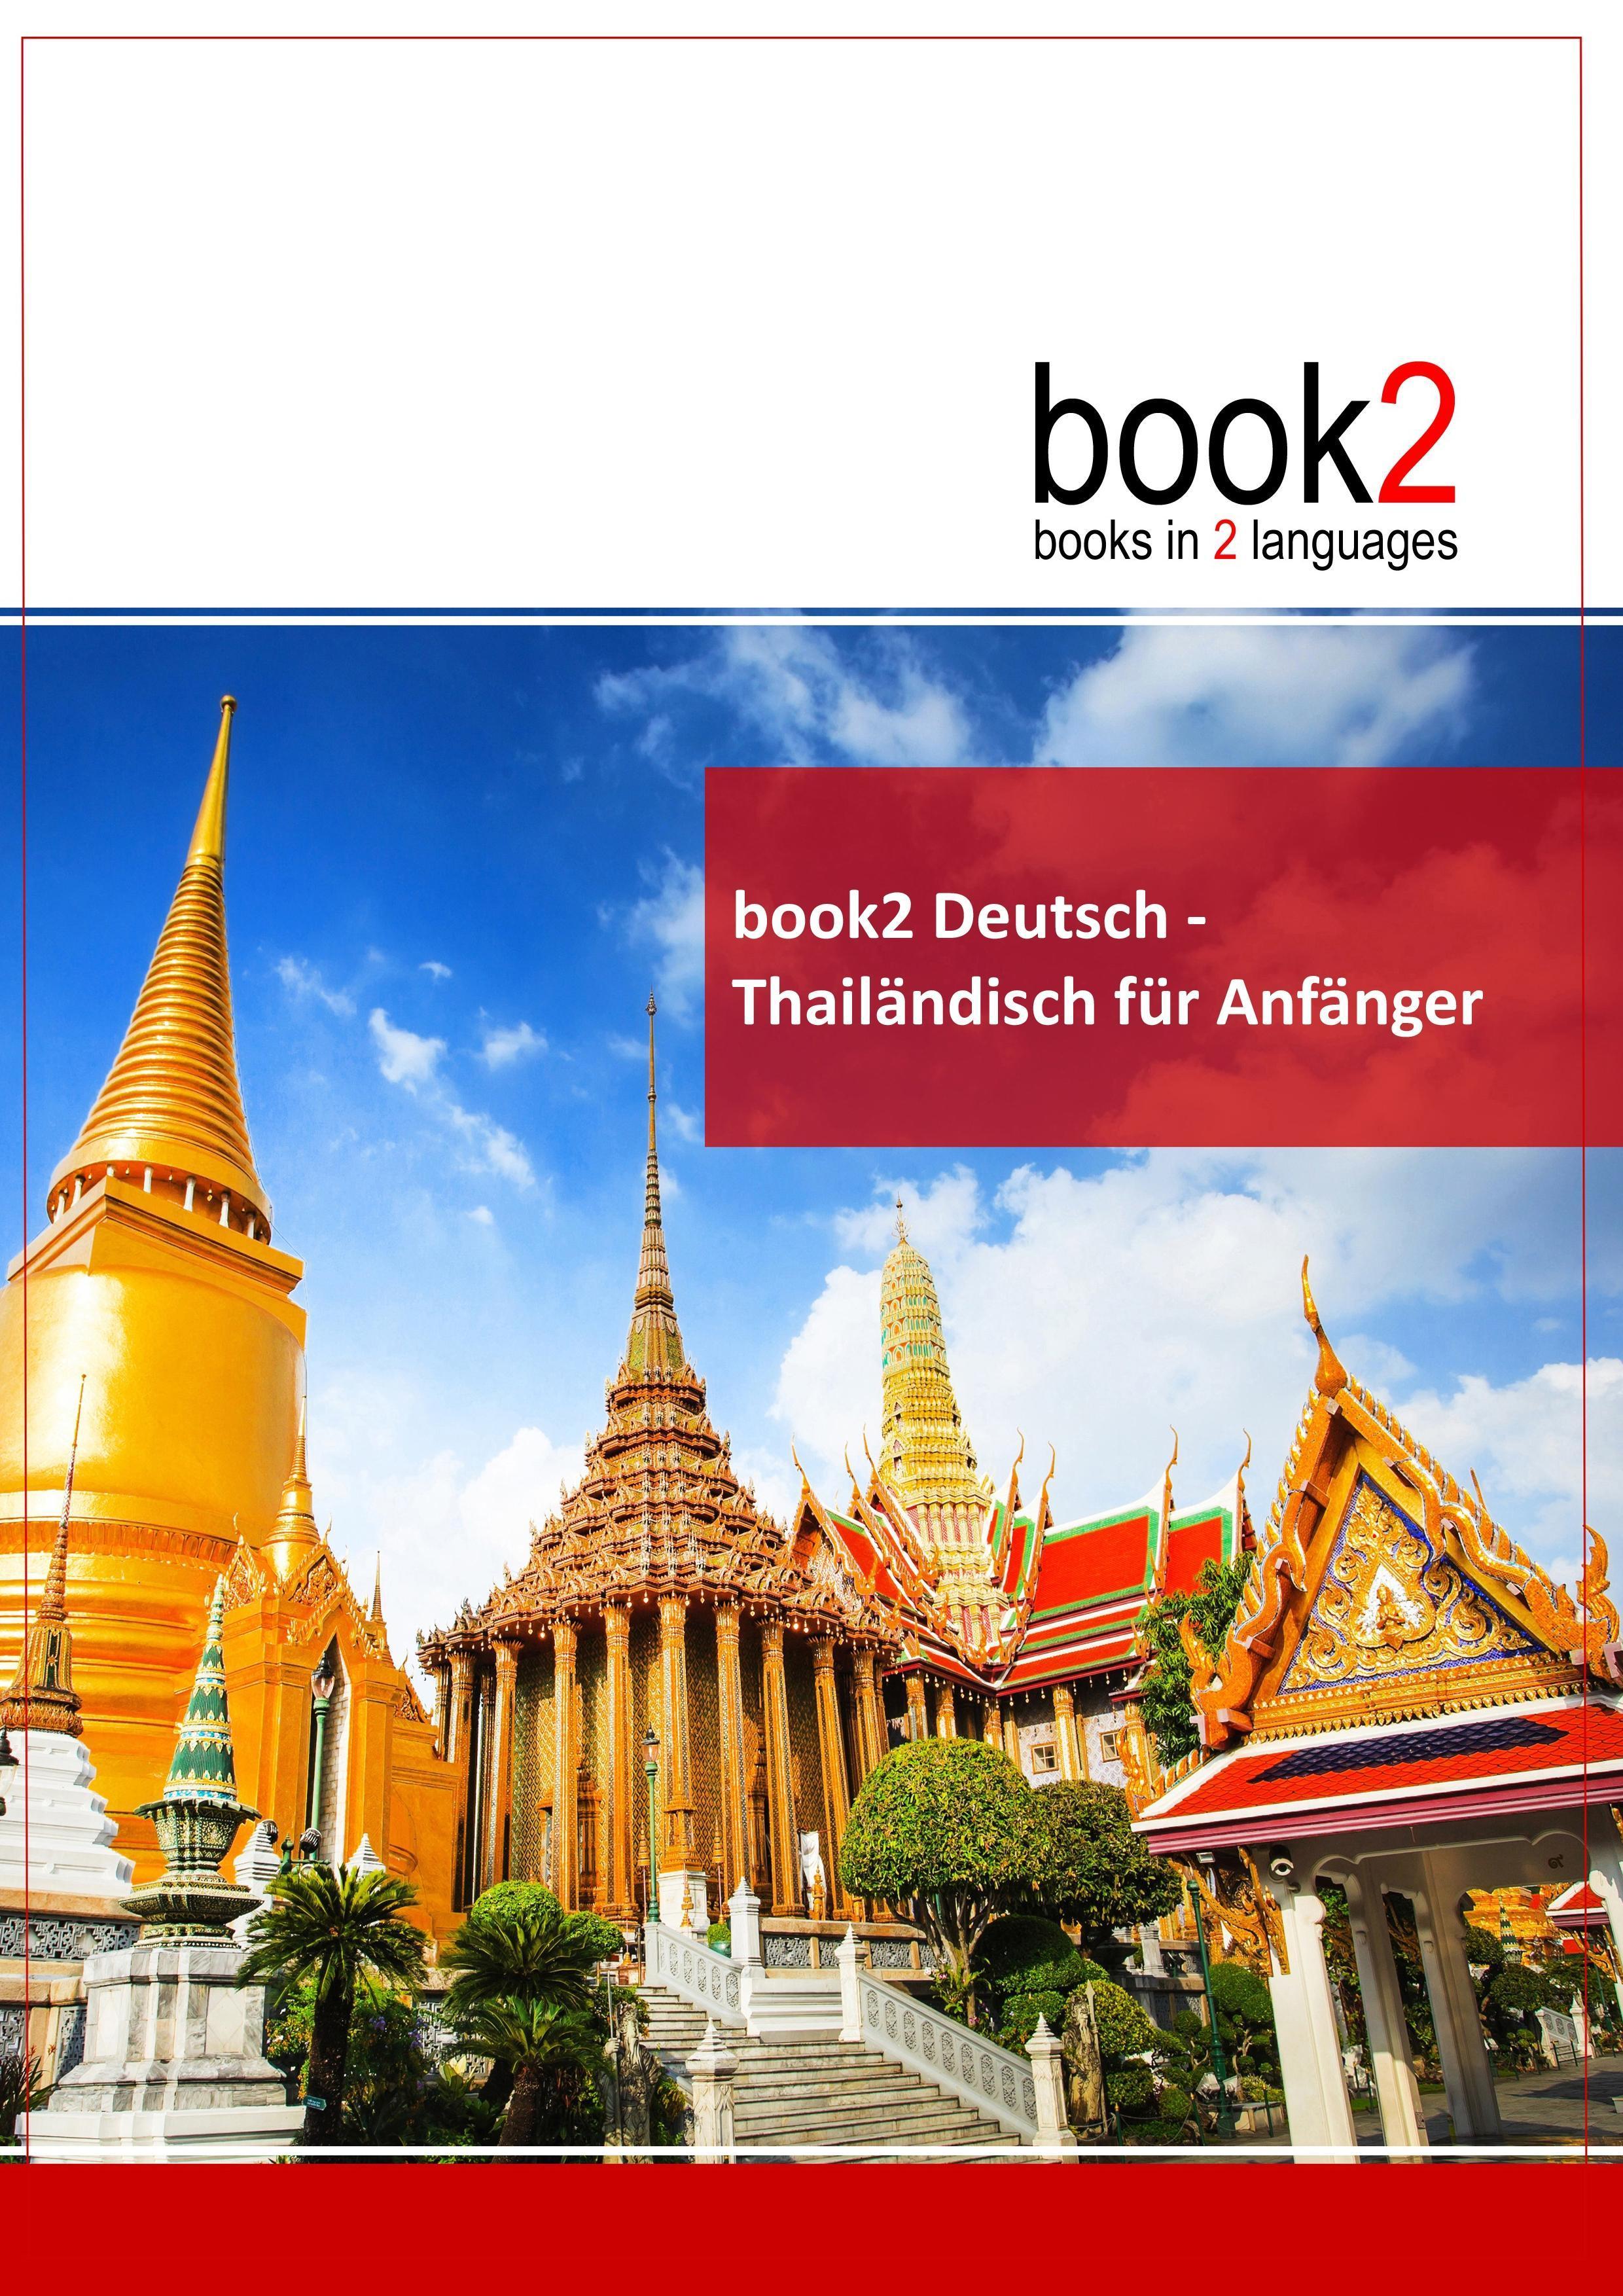 book2 Deutsch - Thailändisch für Anfänger  Ein Buch in 2 Sprachen  Johannes Schumann  Taschenbuch  Paperback  Deutsch  2017 - Schumann, Johannes